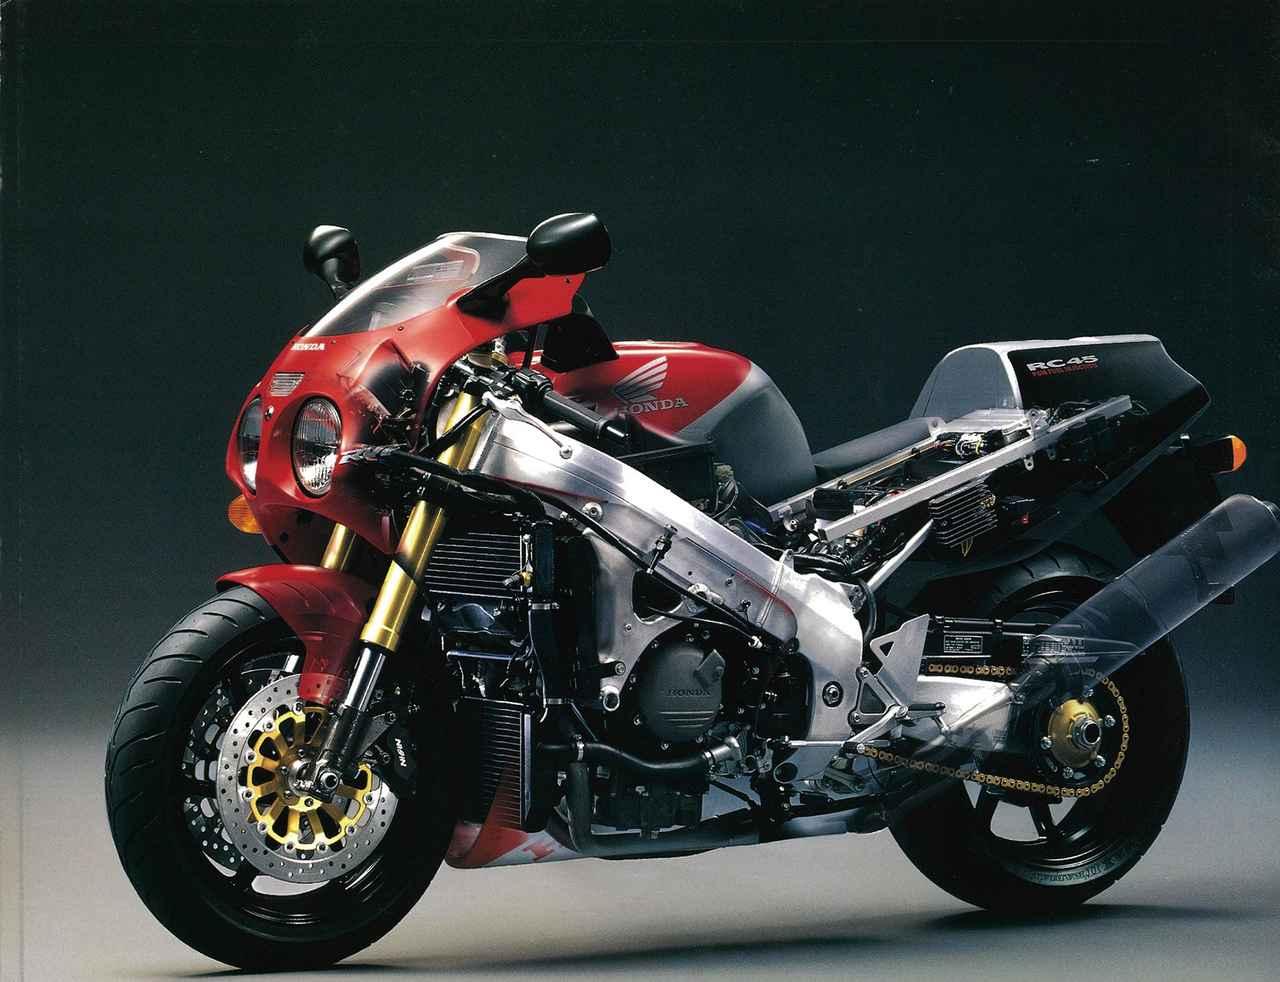 Images : 3番目の画像 - 「ワークスマシンの名を与えられた特別な1台!『HONDA RVF/RC45』【名車図鑑】」のアルバム - LAWRENCE - Motorcycle x Cars + α = Your Life.